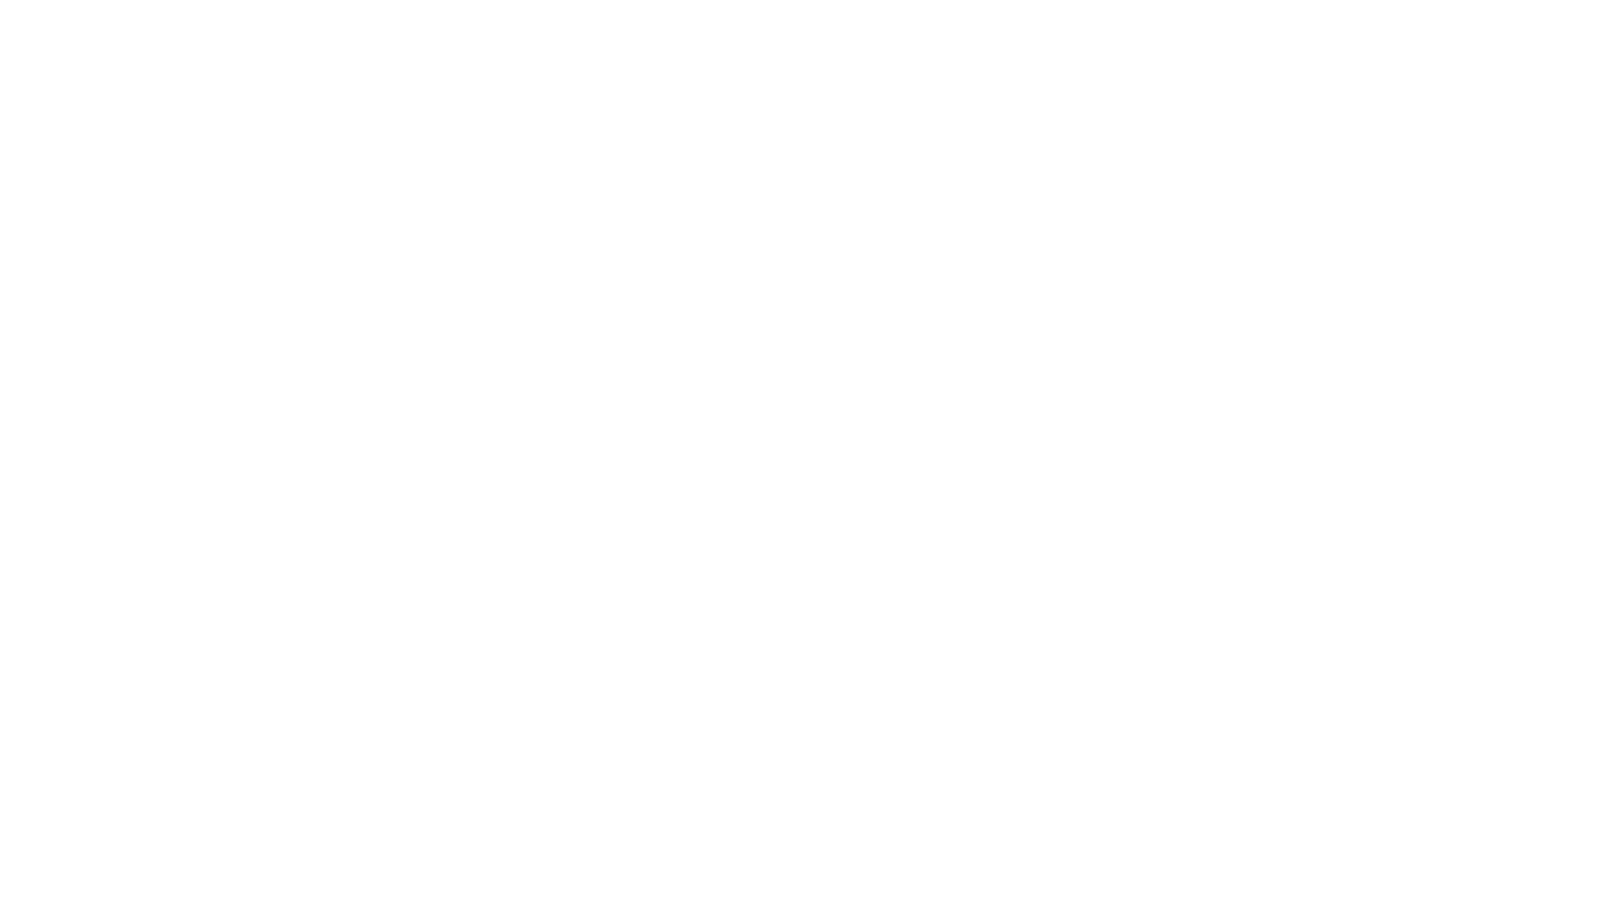 """僕の""""6大特典""""の受け取りはこちら↓ https://kurohata.com/dpto  ①僕が平均50万円稼いでいる毎日の動画講座プログラム ②90分で10万円のノウハウ ③初心者でも月に20万円可能!?禁断のアフィリエイトメソッド ④アフィリエイト完全マニュアル ⑤YouTubeの次はBuzzVideo!?次世代動画ビジネス手法 ⑥たった10記事でGoogleAdSenseを通す方法  チャンネル登録お願い致します!↓ https://www.youtube.com/channel/UC7MBDeBibEoZc8FbWbcEirw  僕のBLOGはこちら↓ https://kurohata.com/  Twitter↓ https://twitter.com/hayatobloger  Instagram↓ https://www.instagram.com/kurohatablo...   僕が脱サラするまでにしてきた事↓ https://kurohata.com/datsusara/  僕の毎月の収益はこちら↓ https://kurohata.com/category/earning/  #アフィリエイト #ネットビジネス #snsアフィリエイト"""